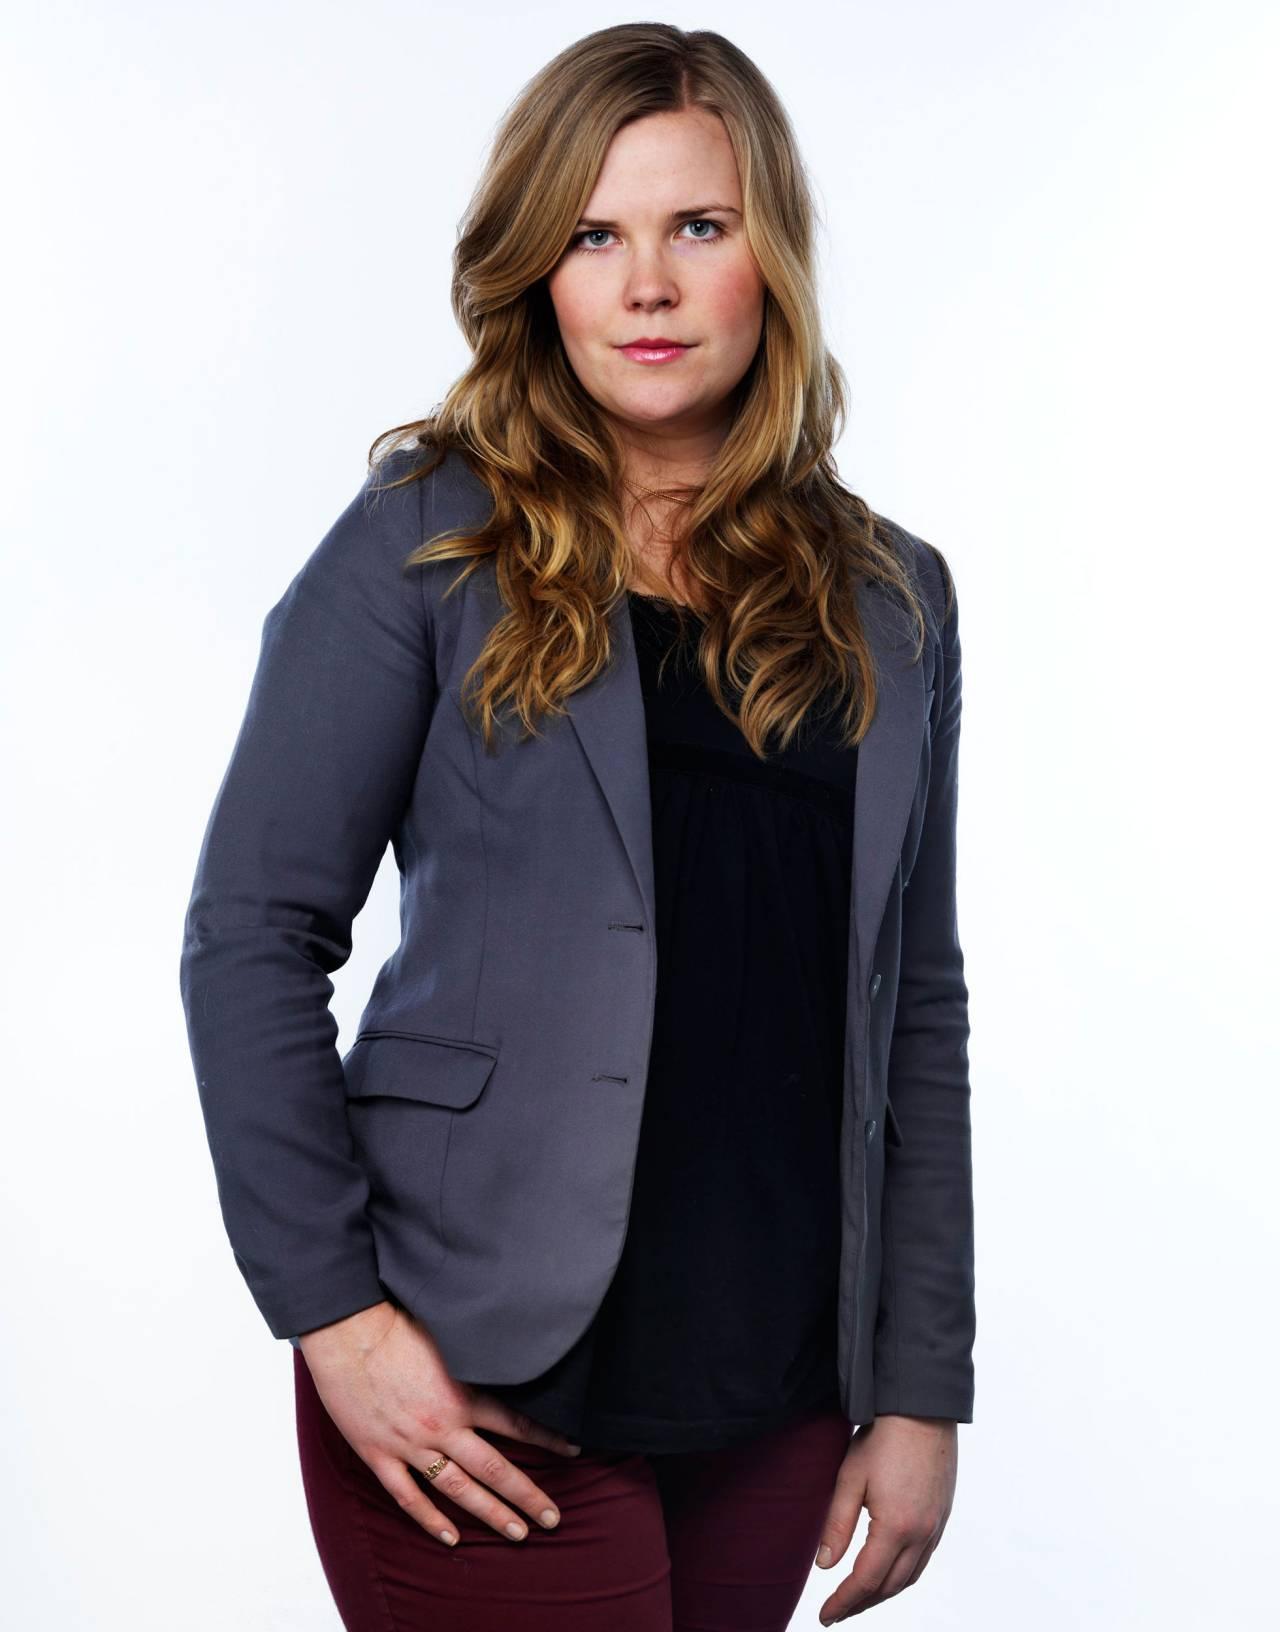 Porträtt av juristen Caroline Blomsten